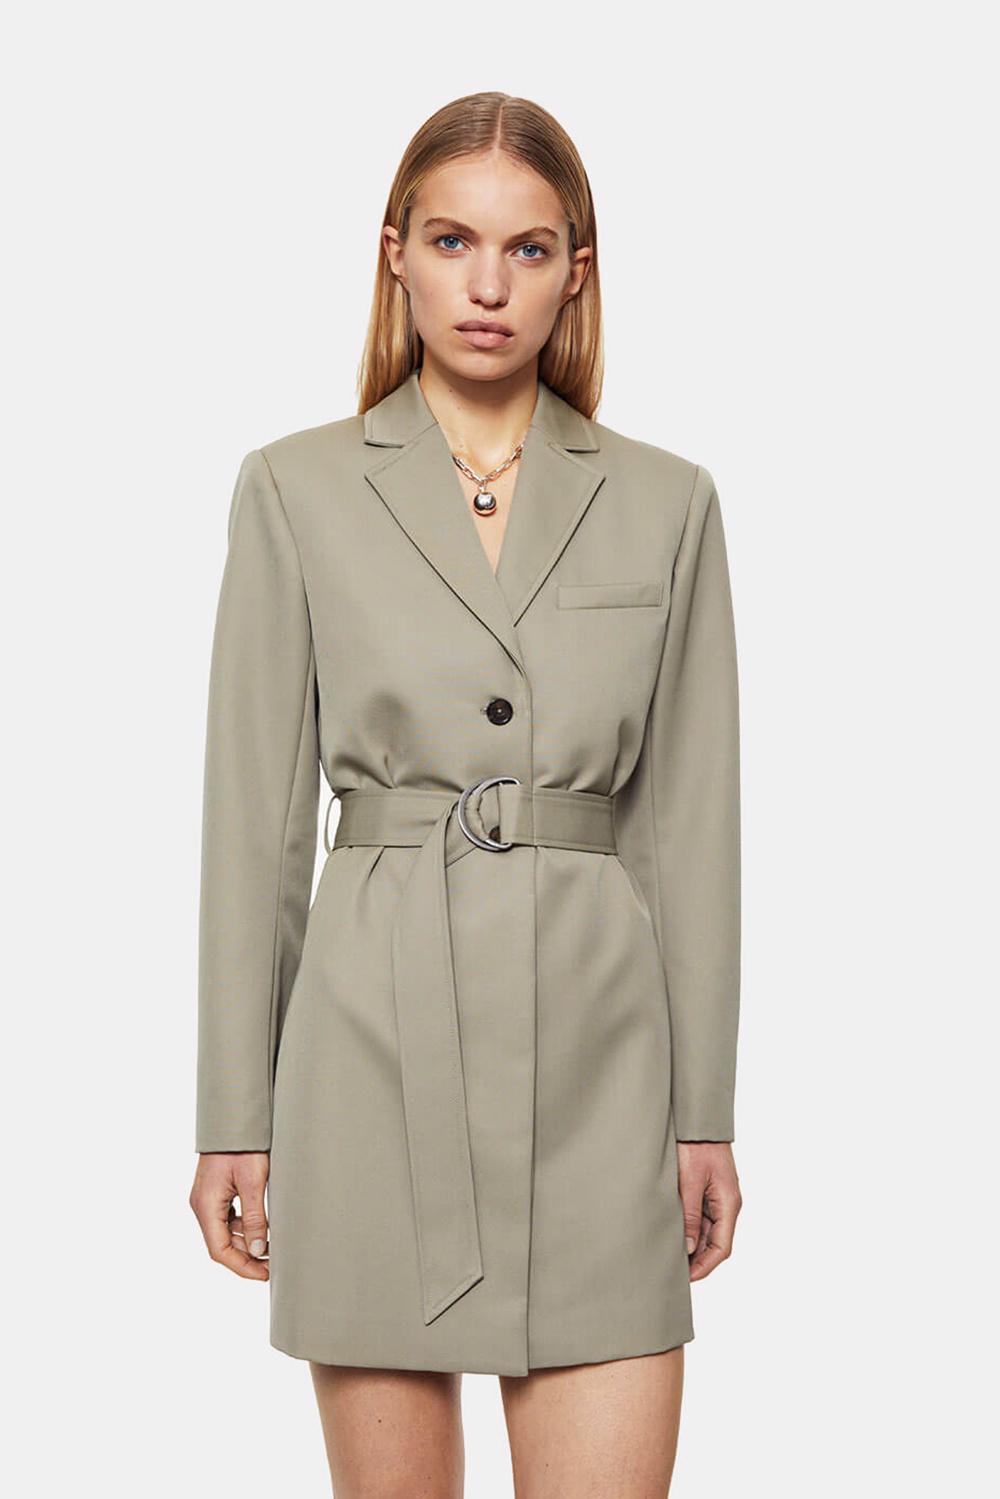 Anine Bing jurk Campbell A-02-1166-250 groen